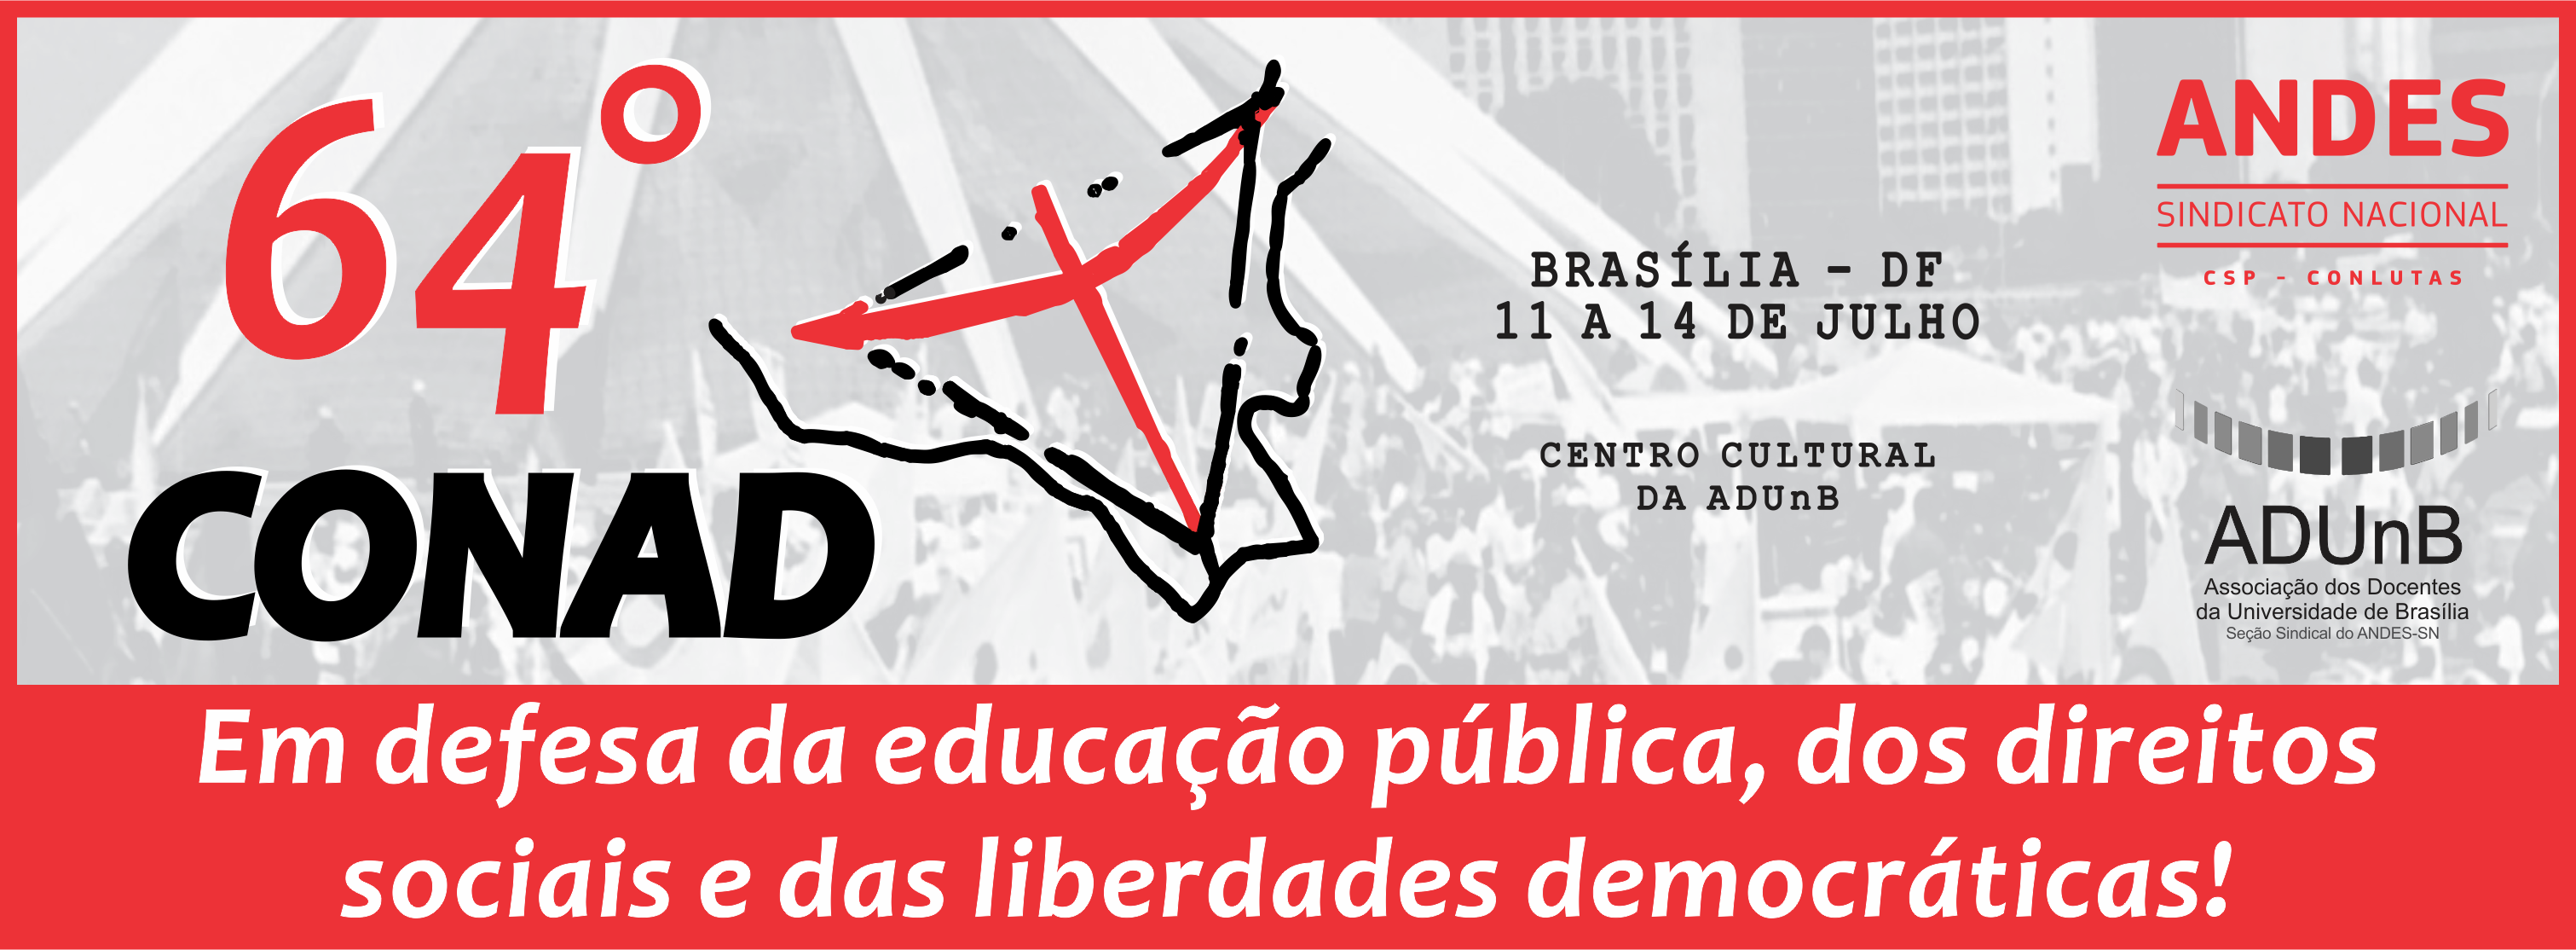 64º Conad será realizado em Brasília de 11 a 14 de julho